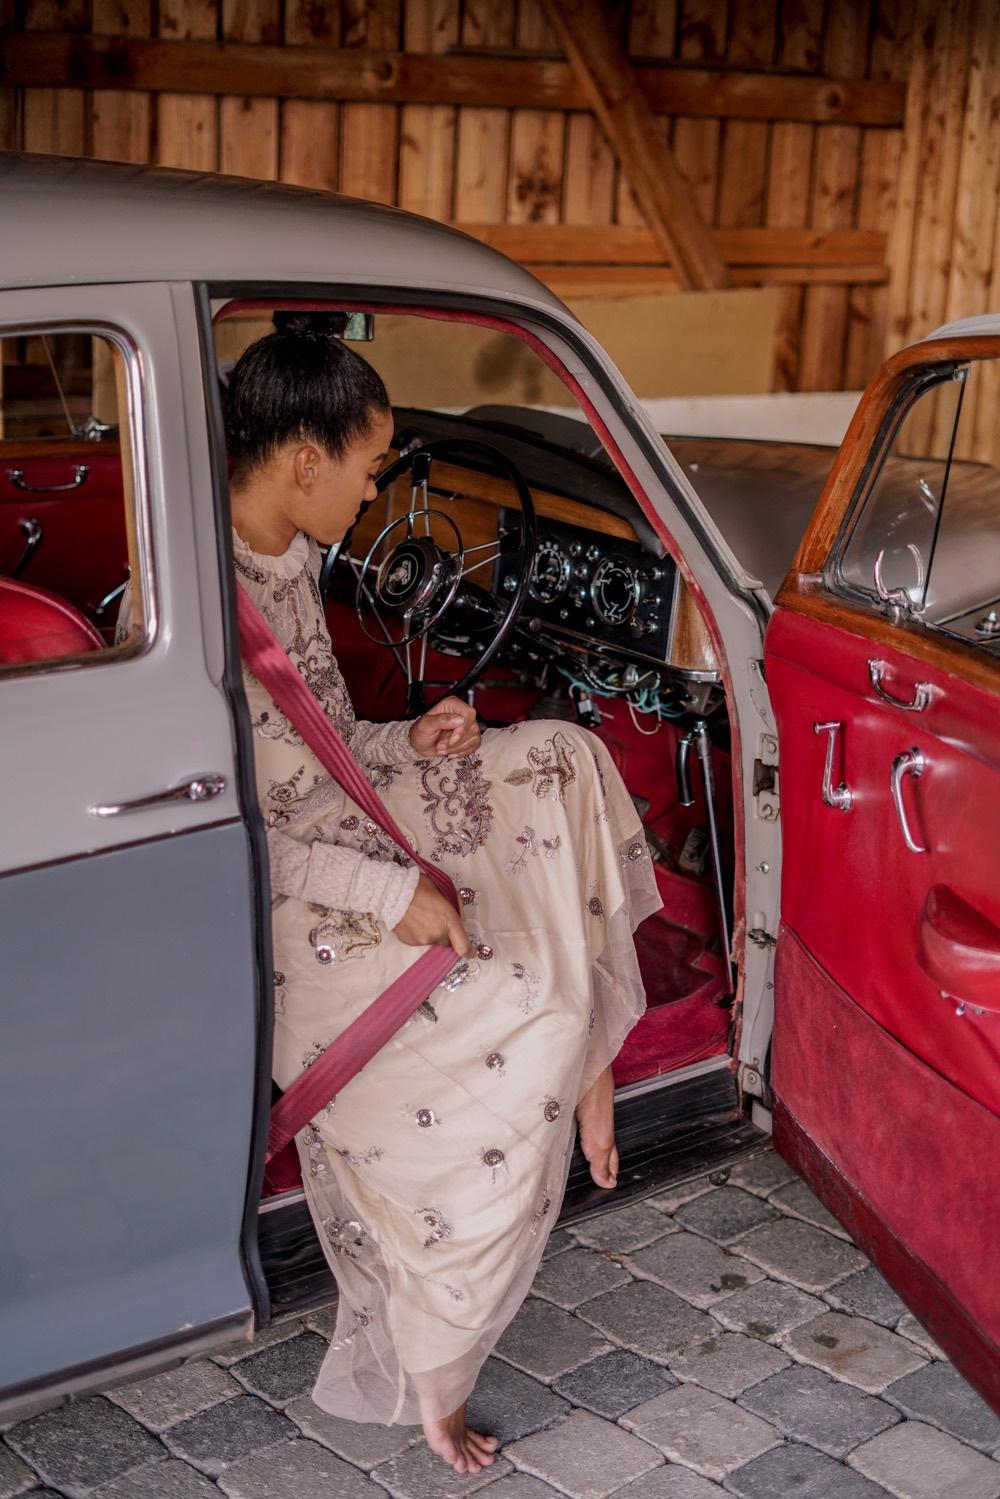 road trip in europe vintage car